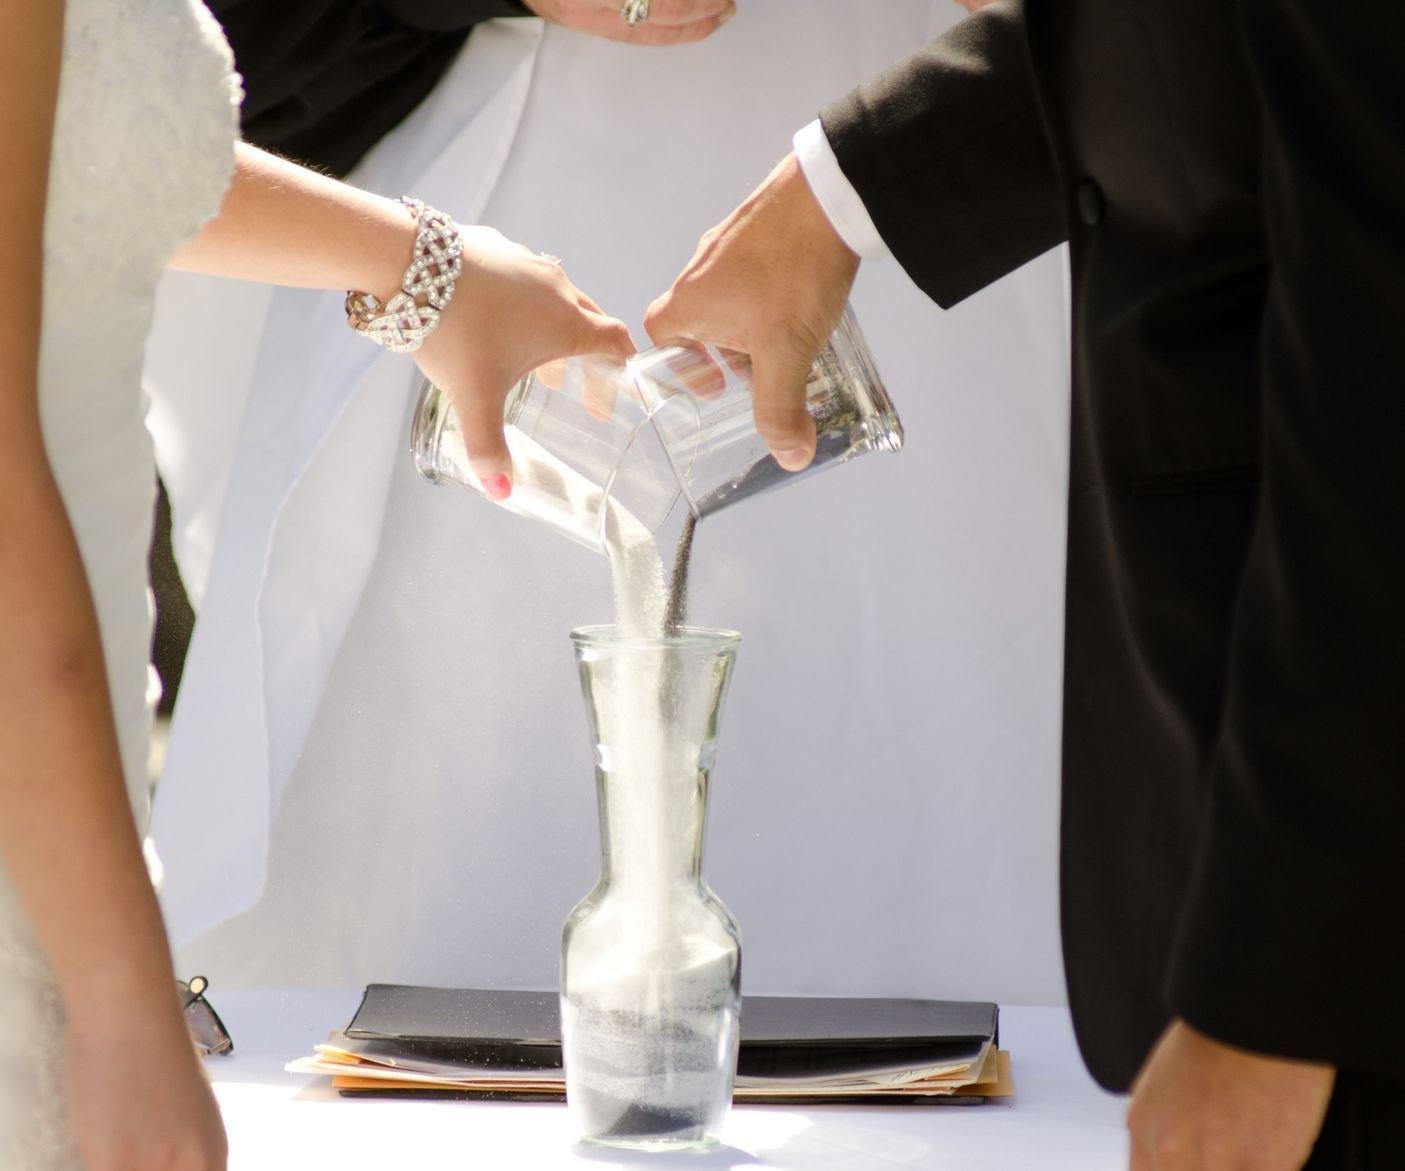 Zelda Bomboniere Kit Vasi E Sabbia Luna con Bicchieri Rito della Sabbia Decorazione Matrimonio